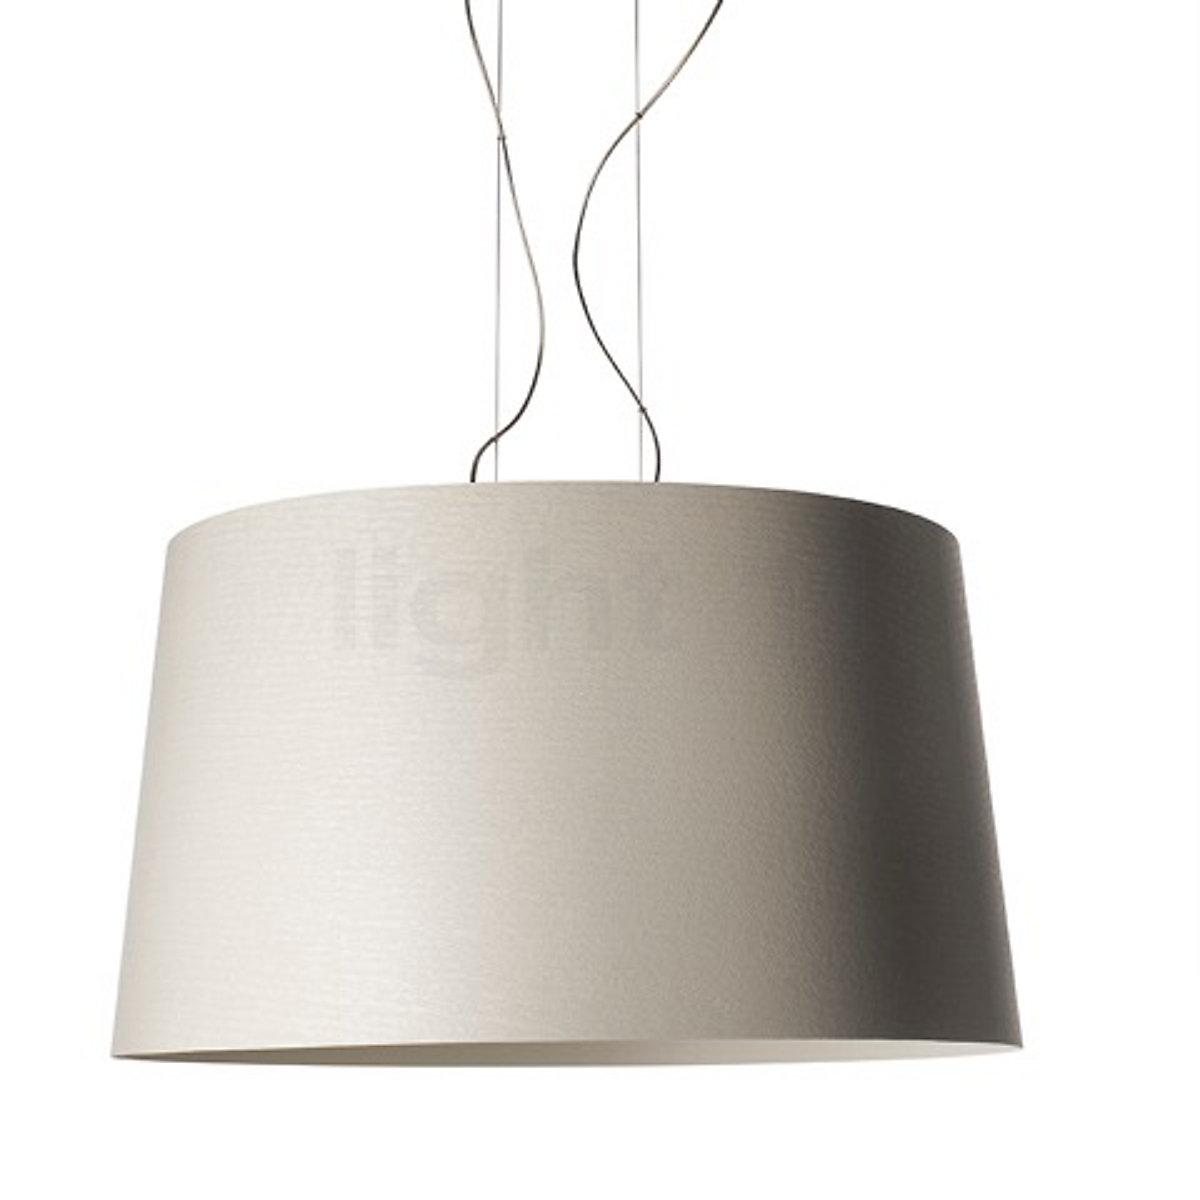 as Foscarini Twice LED Sospensione Twiggy vnm8w0N